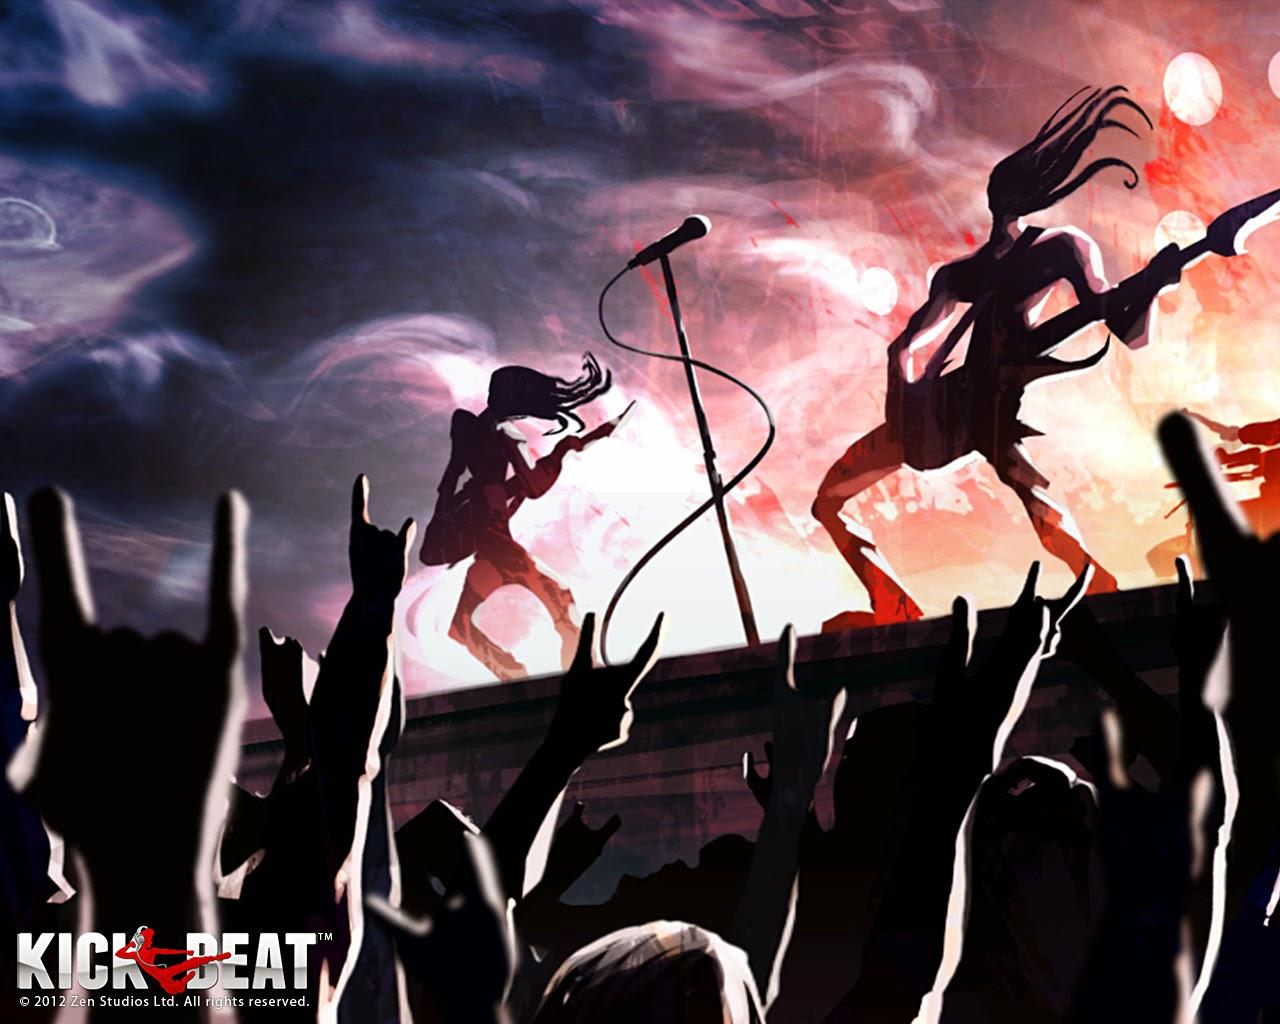 Loạt hình nền tuyệt đẹp của game âm nhạc KickBeat - Ảnh 20